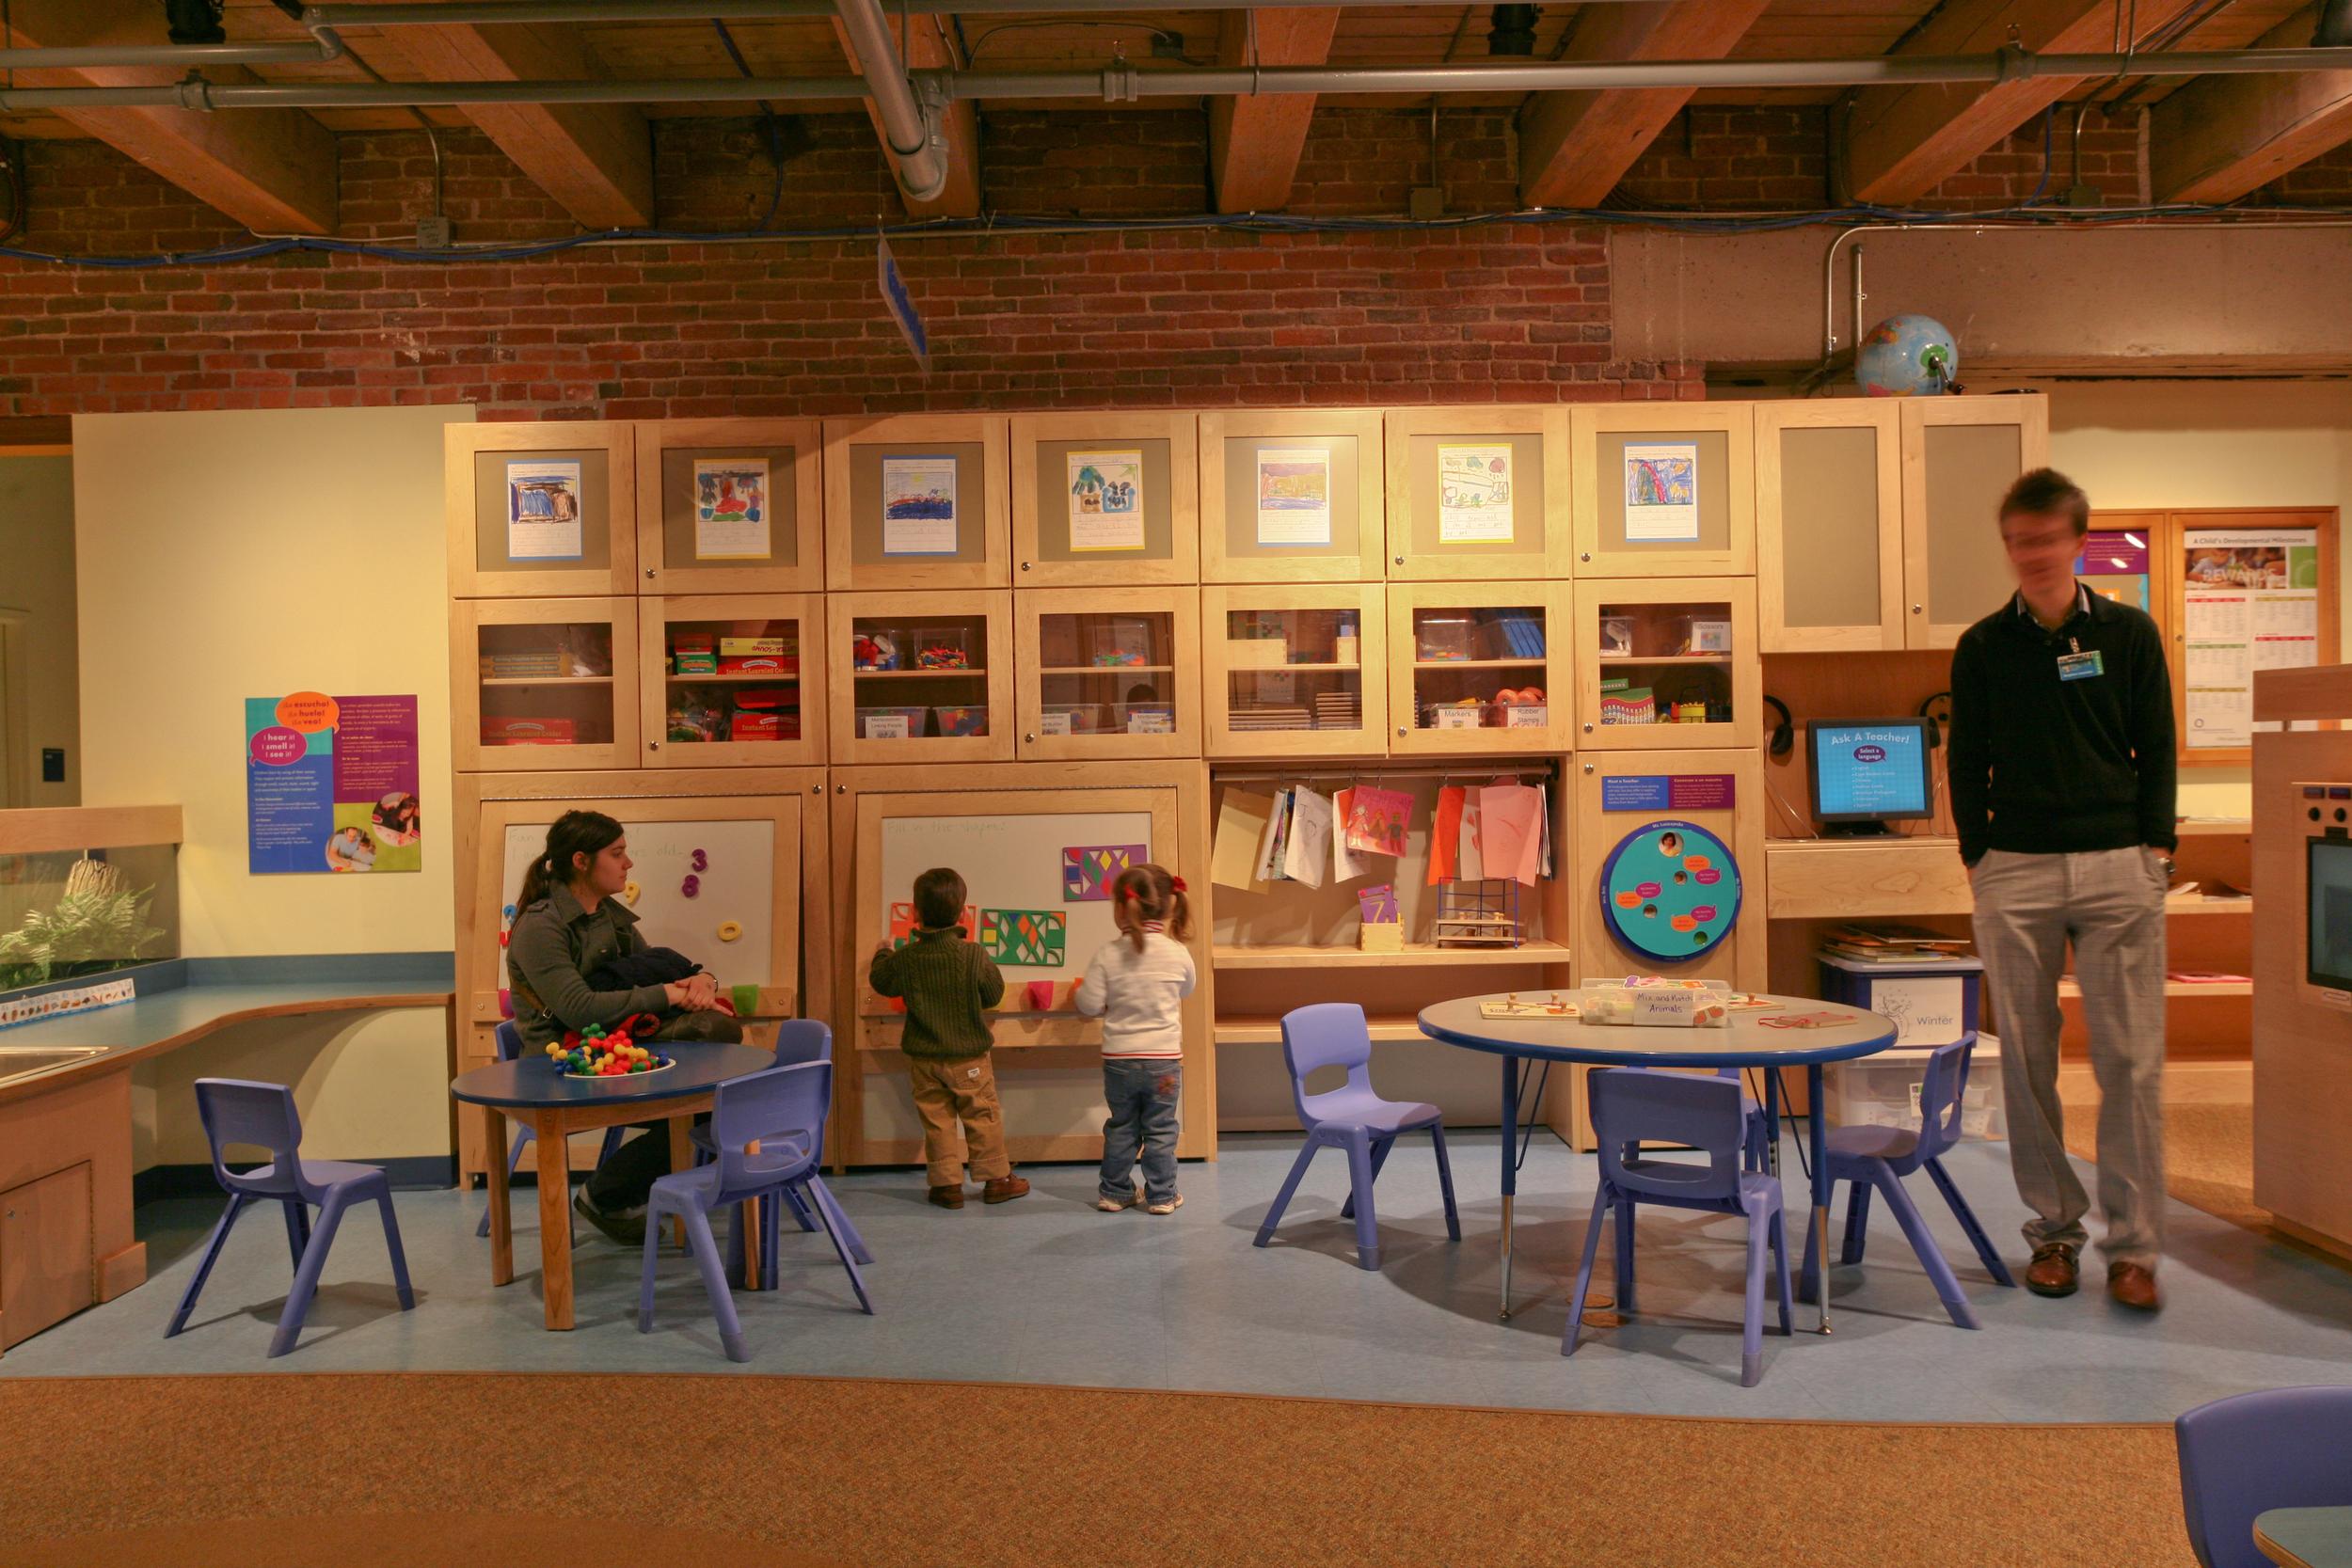 pho-int-art room-240ppi-18x12.jpg